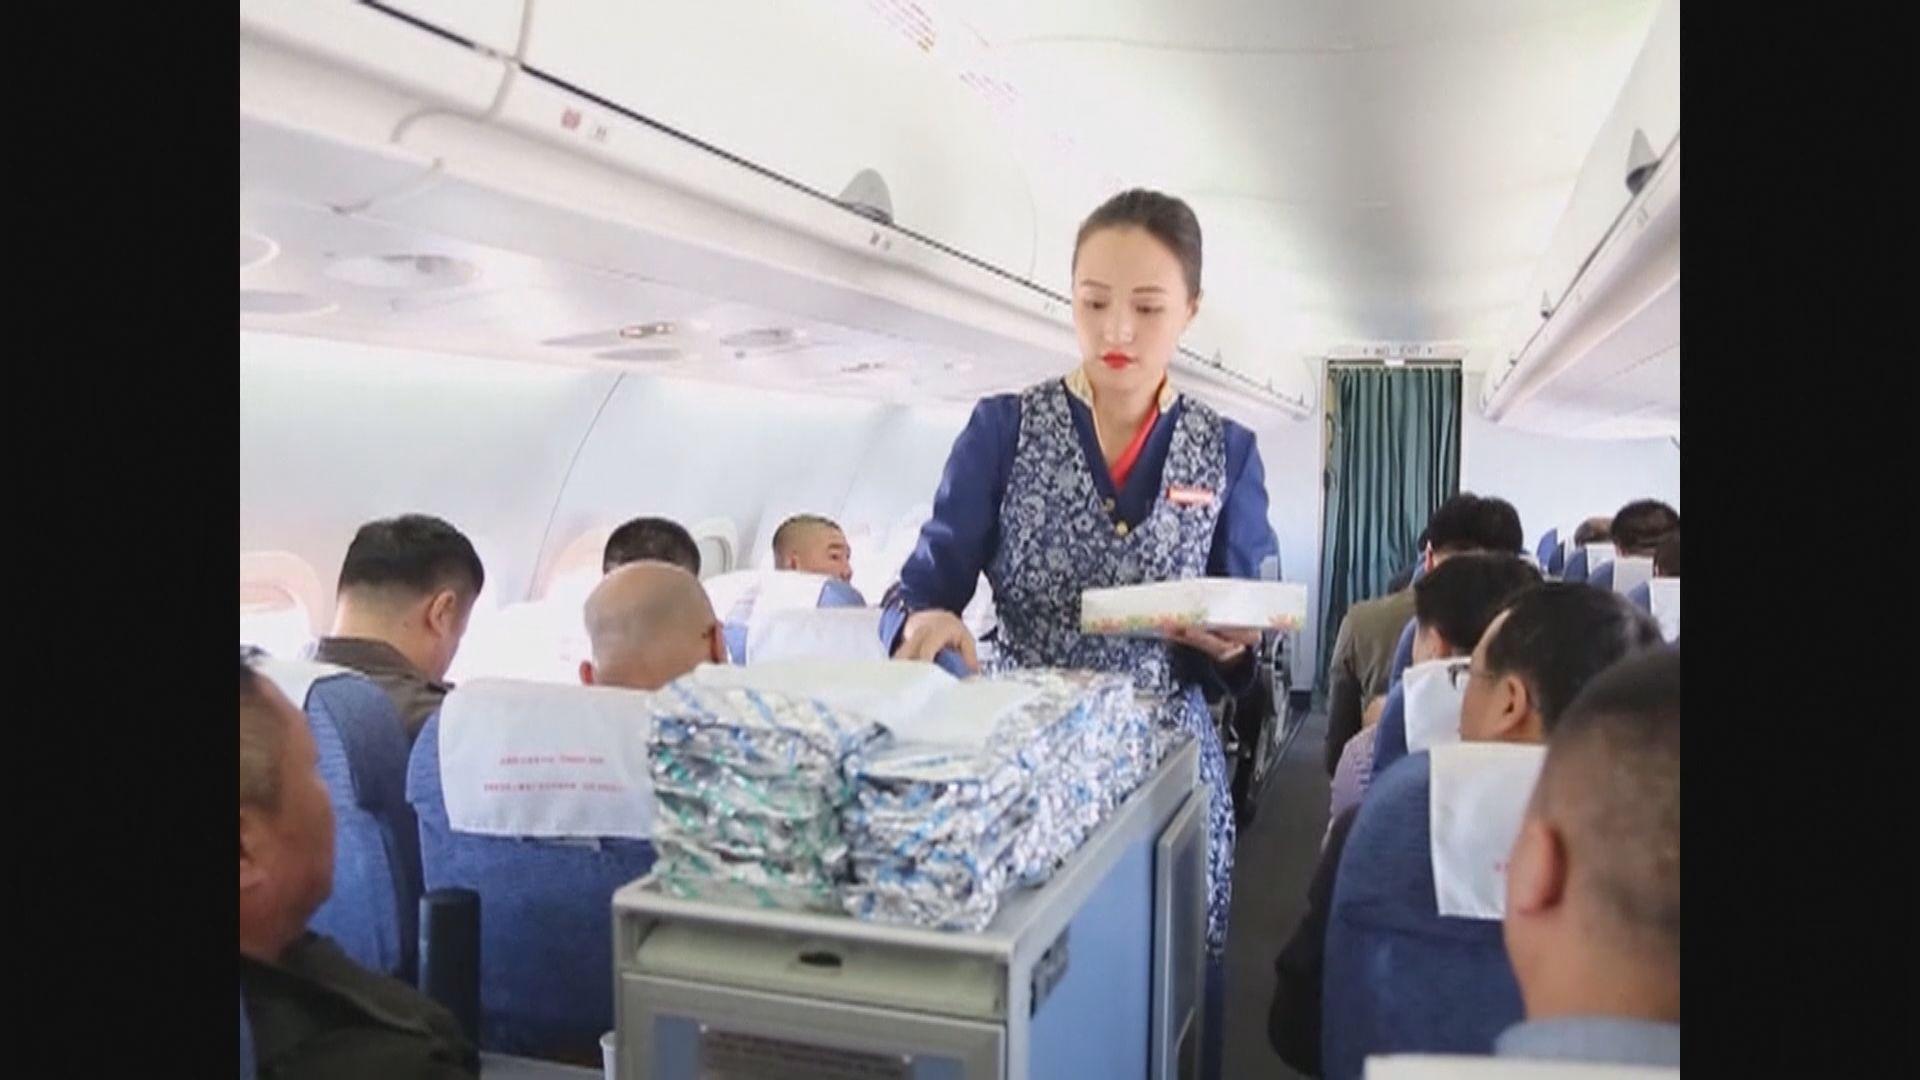 【環球薈報】內地航班明年起禁提供膠袋等不可分解產品